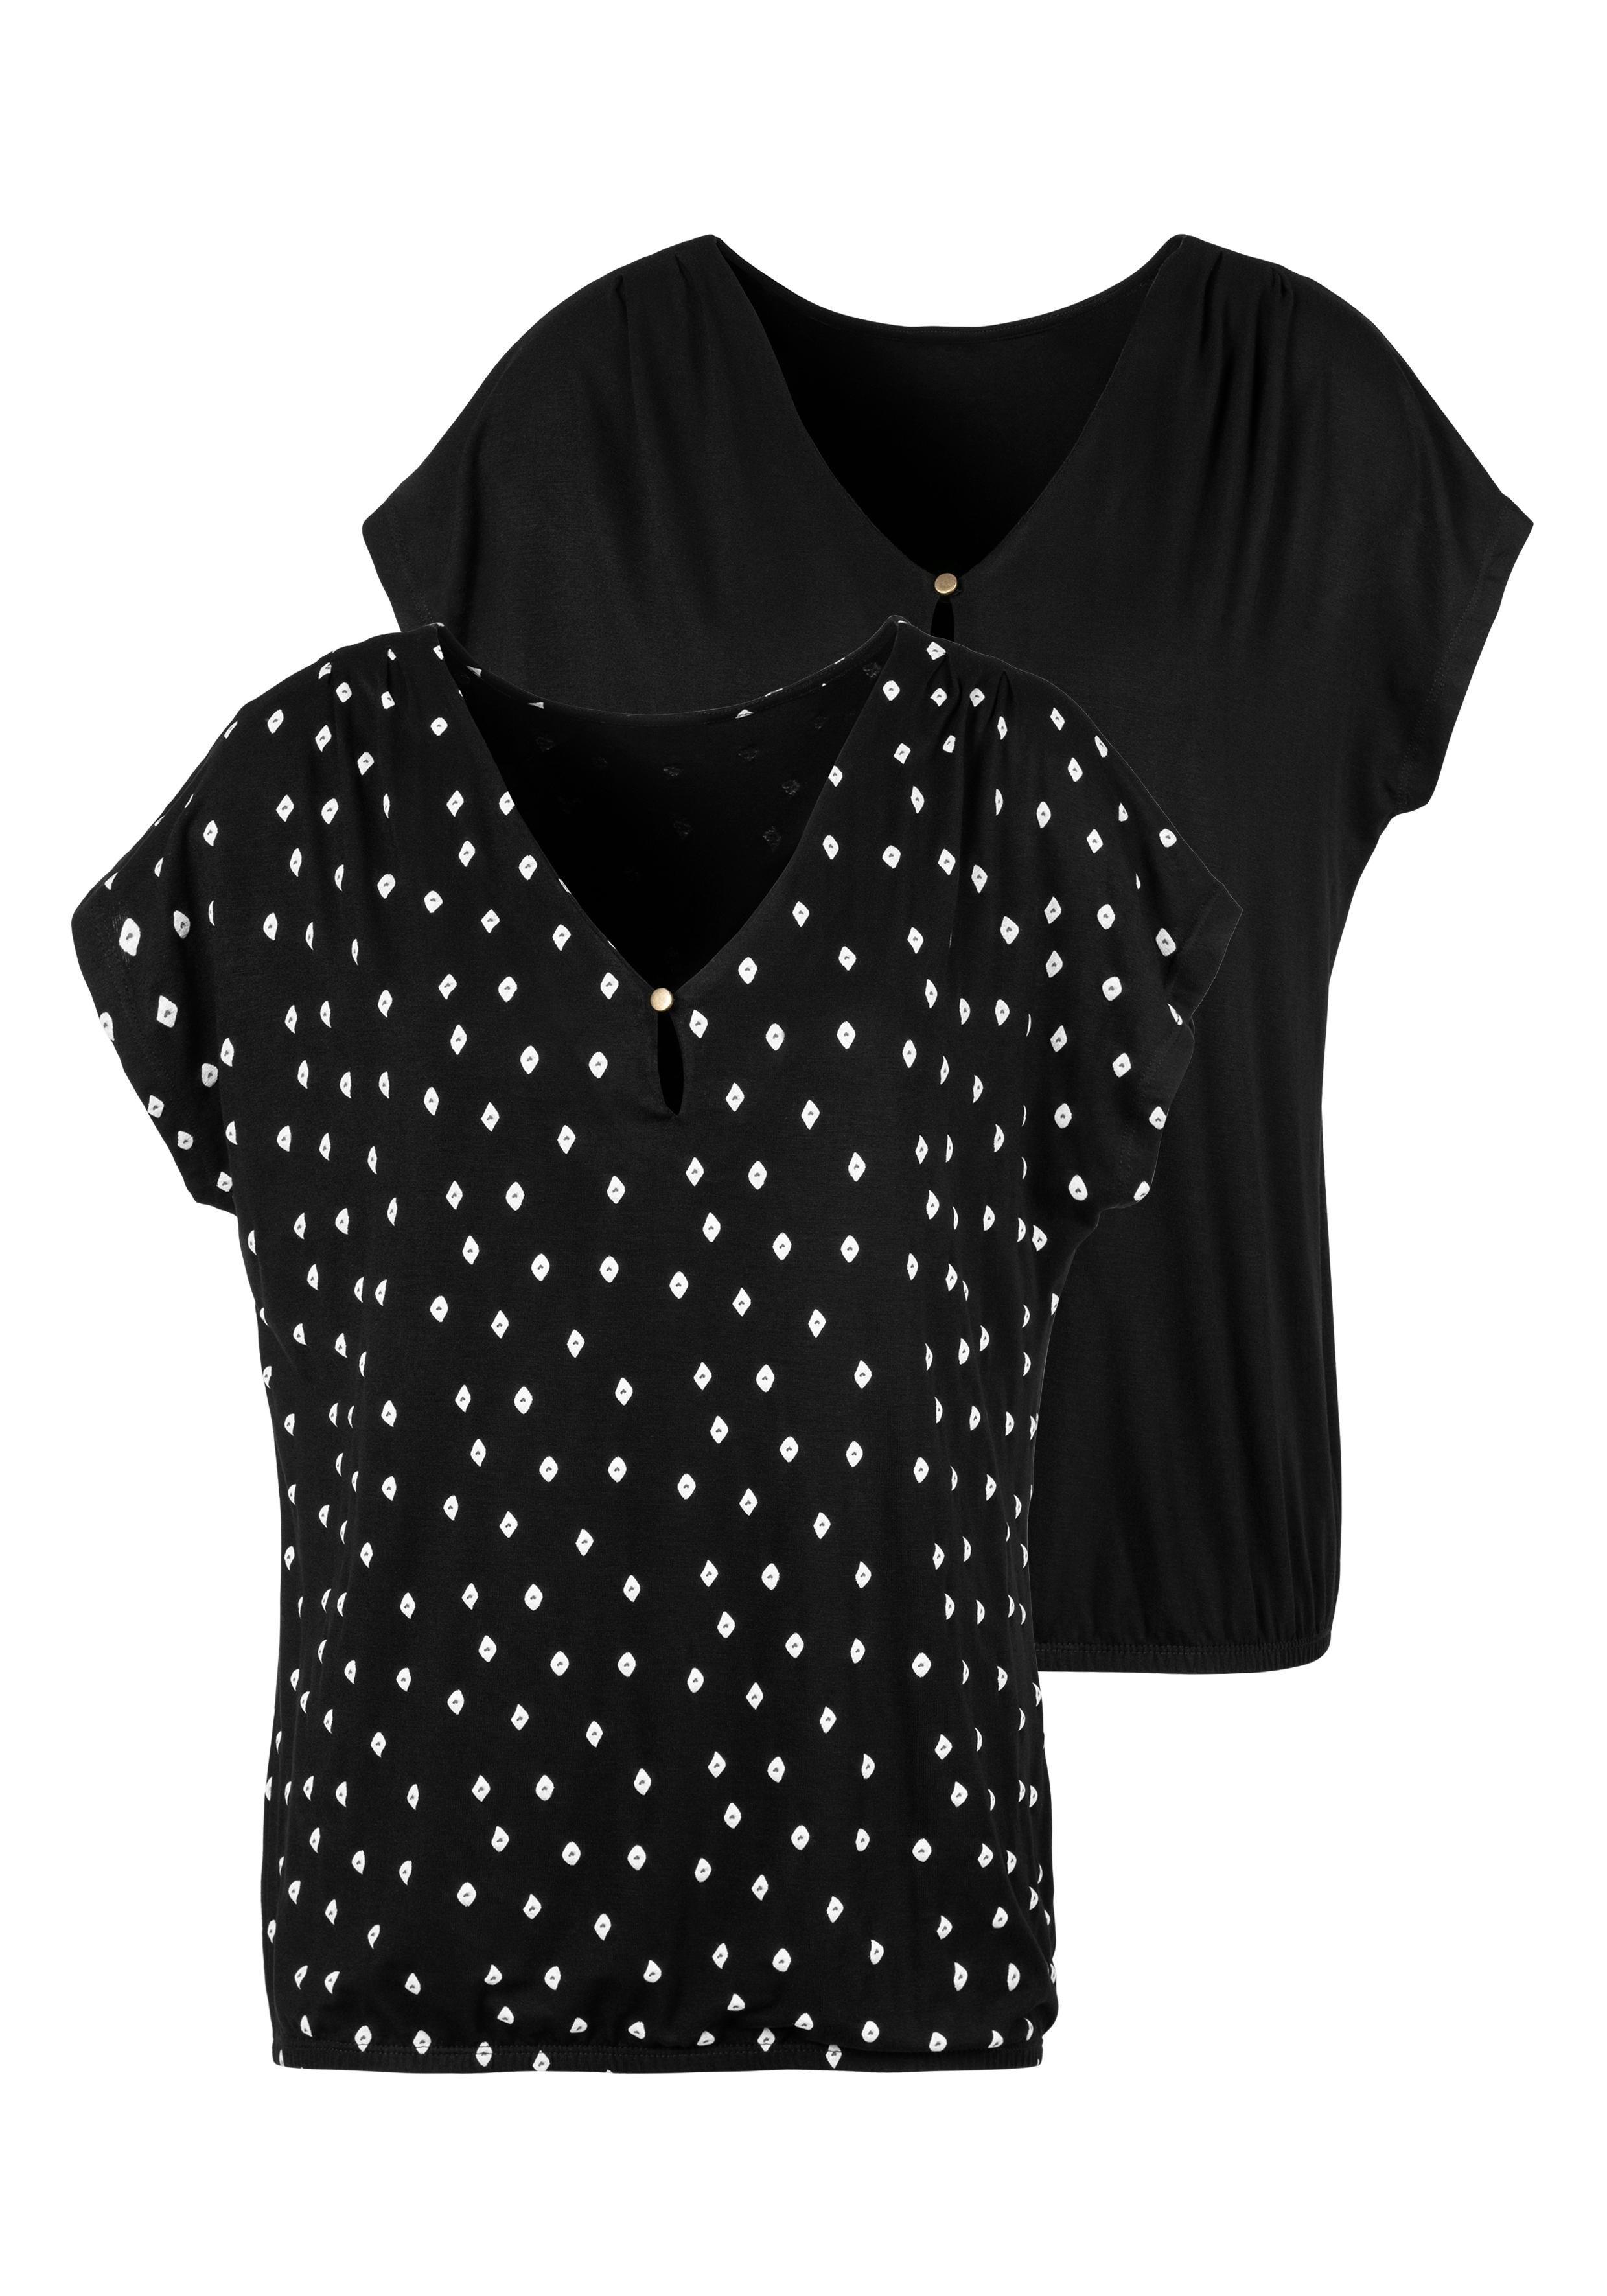 Lascana T-shirt met schouderrimpeling (Set van 2) in de webshop van Lascana kopen